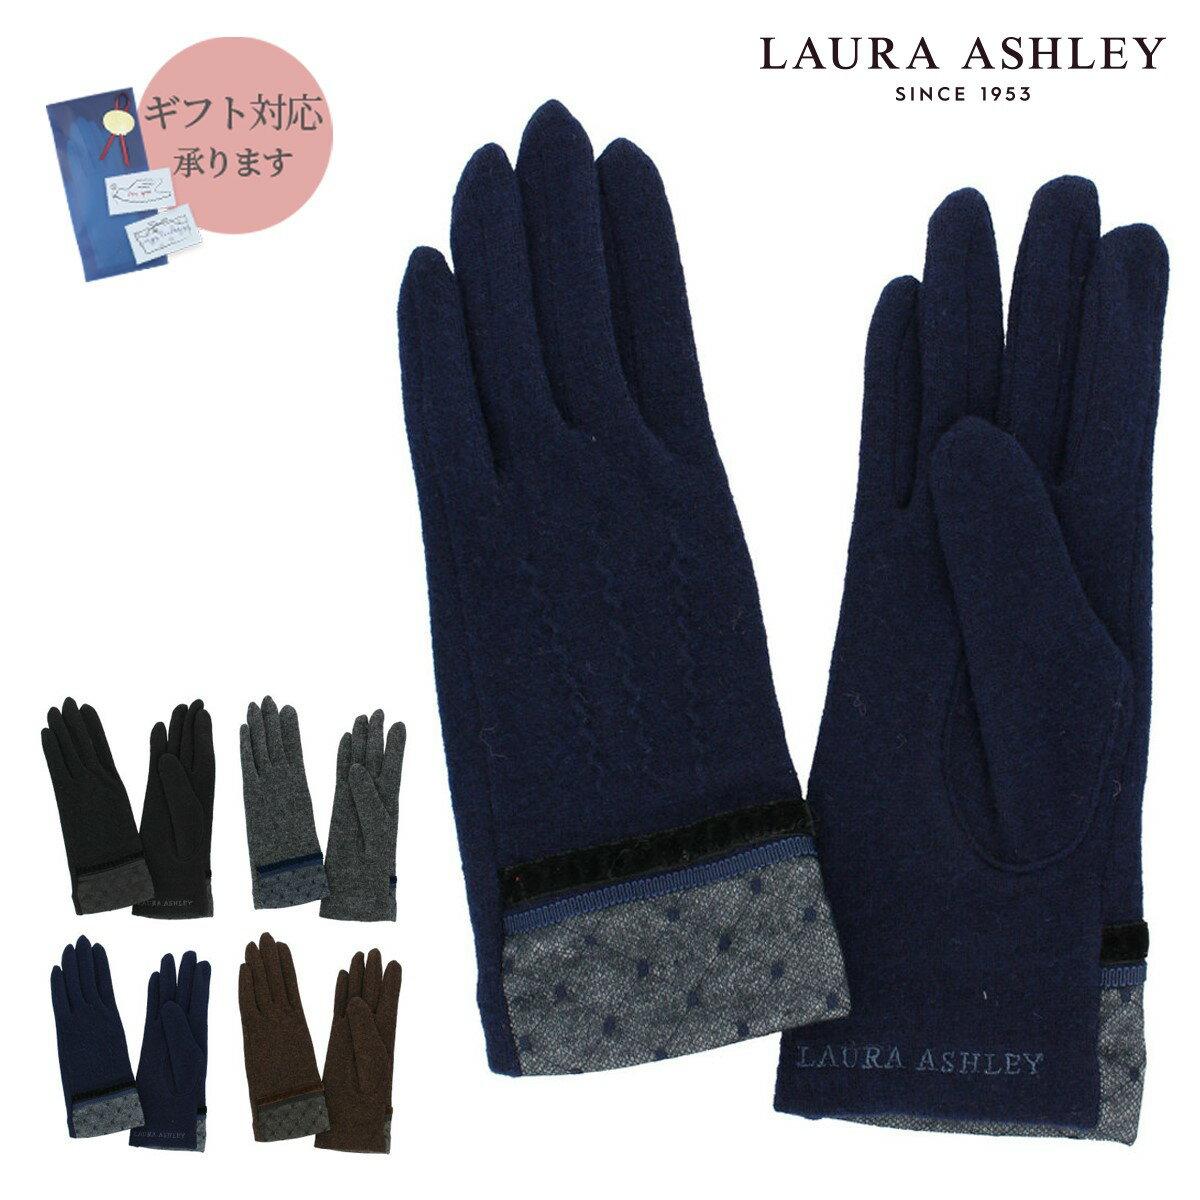 LAURA ASHLLEY ローラ アシュレイ レディ—ス 女性用手袋   てぶくろ ギフト プレゼント 裾切替え 長め丈デザイン エレガント 可愛い Mサイズ 全4色